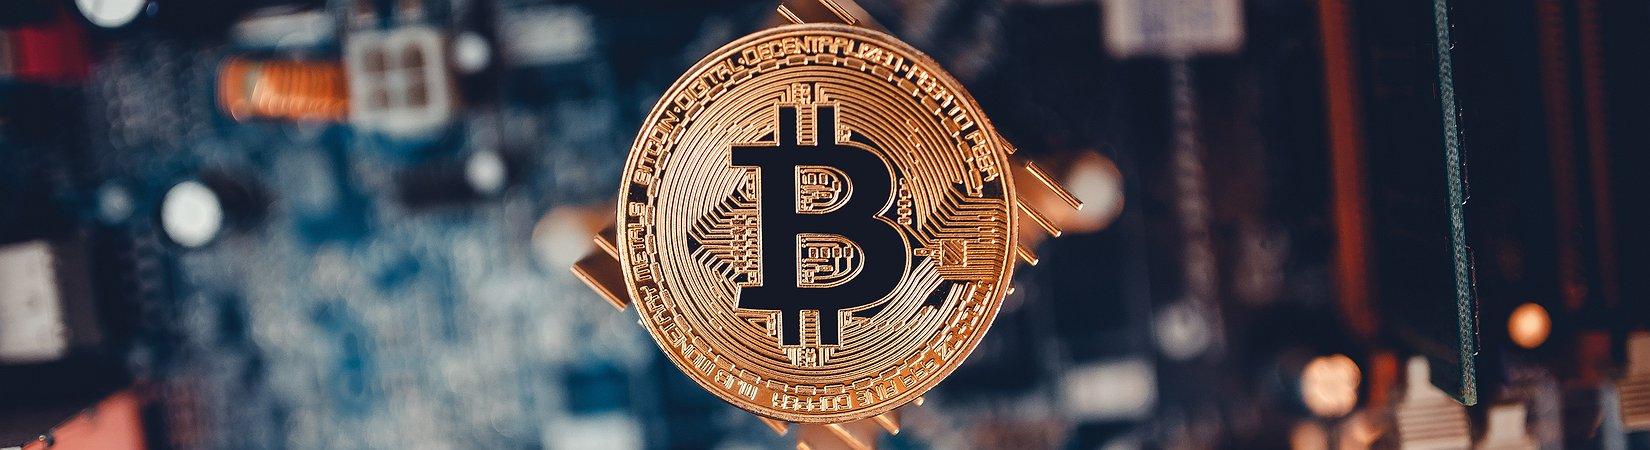 El precio del bitcoin alcanza un nuevo récord tras la cancelación del SegWit2x